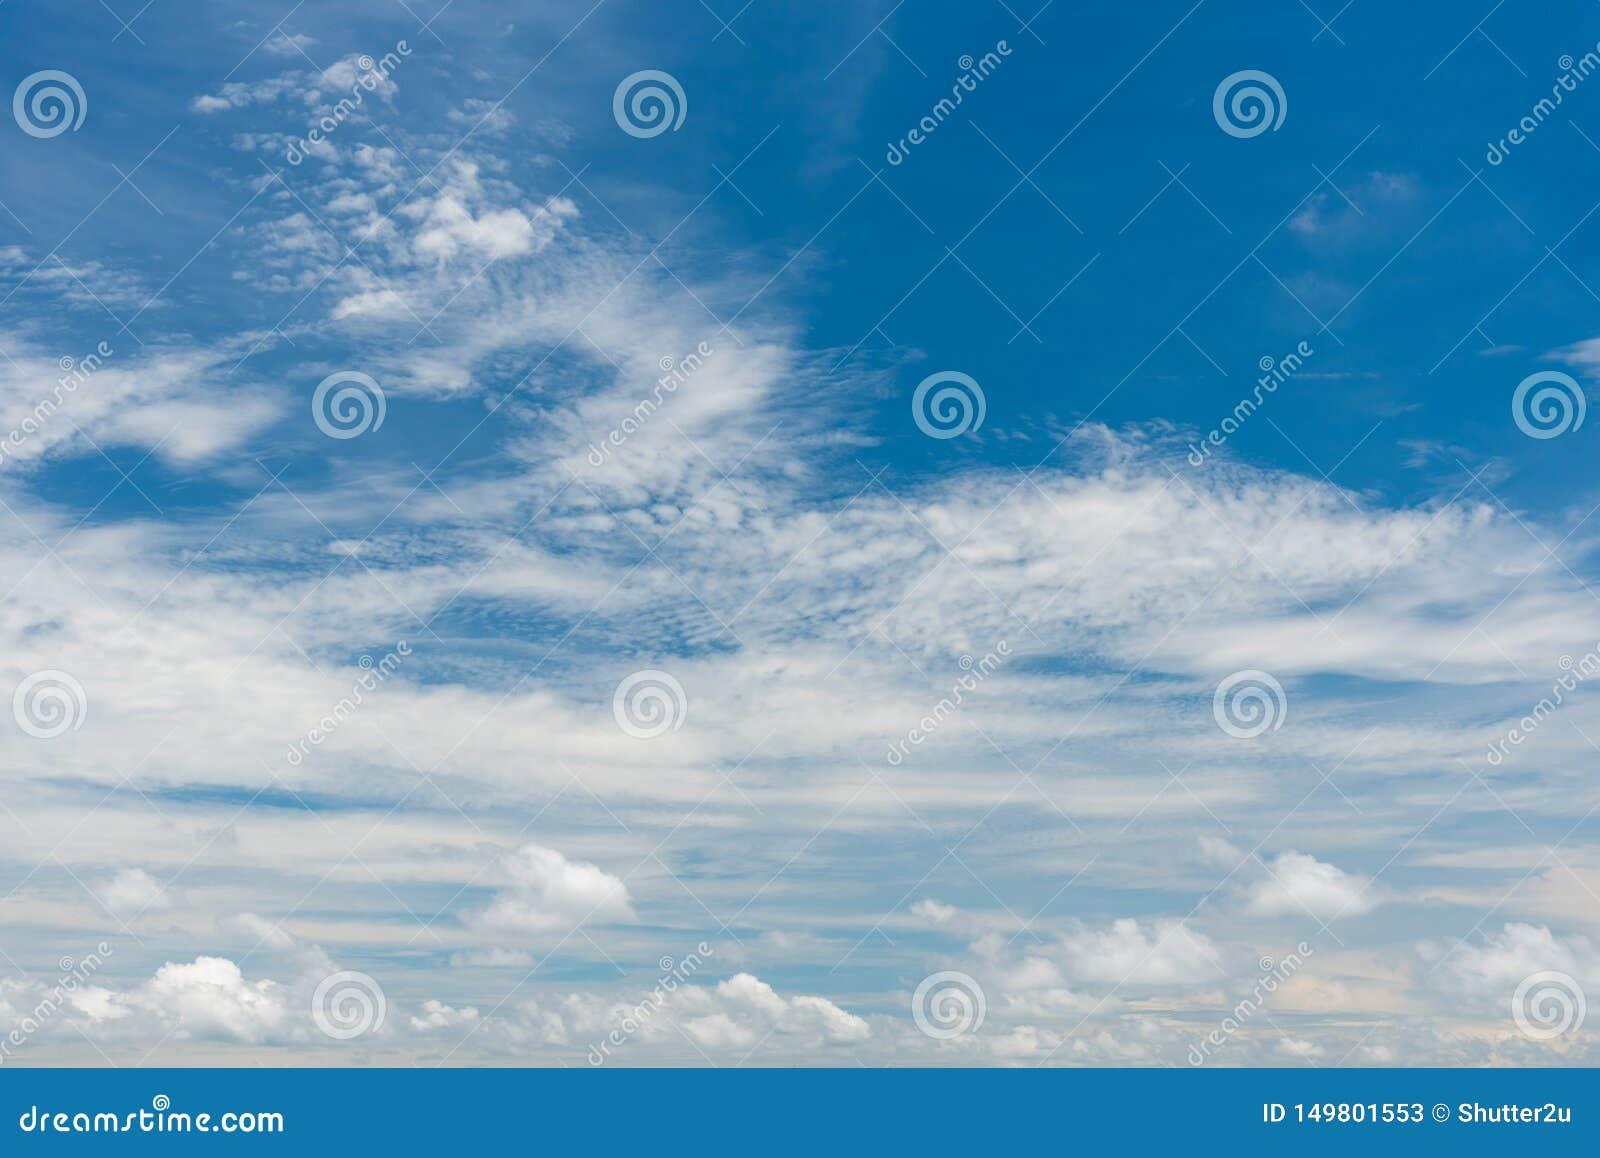 Fond de ciel bleu avec des nuages Concept de nature et de fond Th?me de l espace et d air